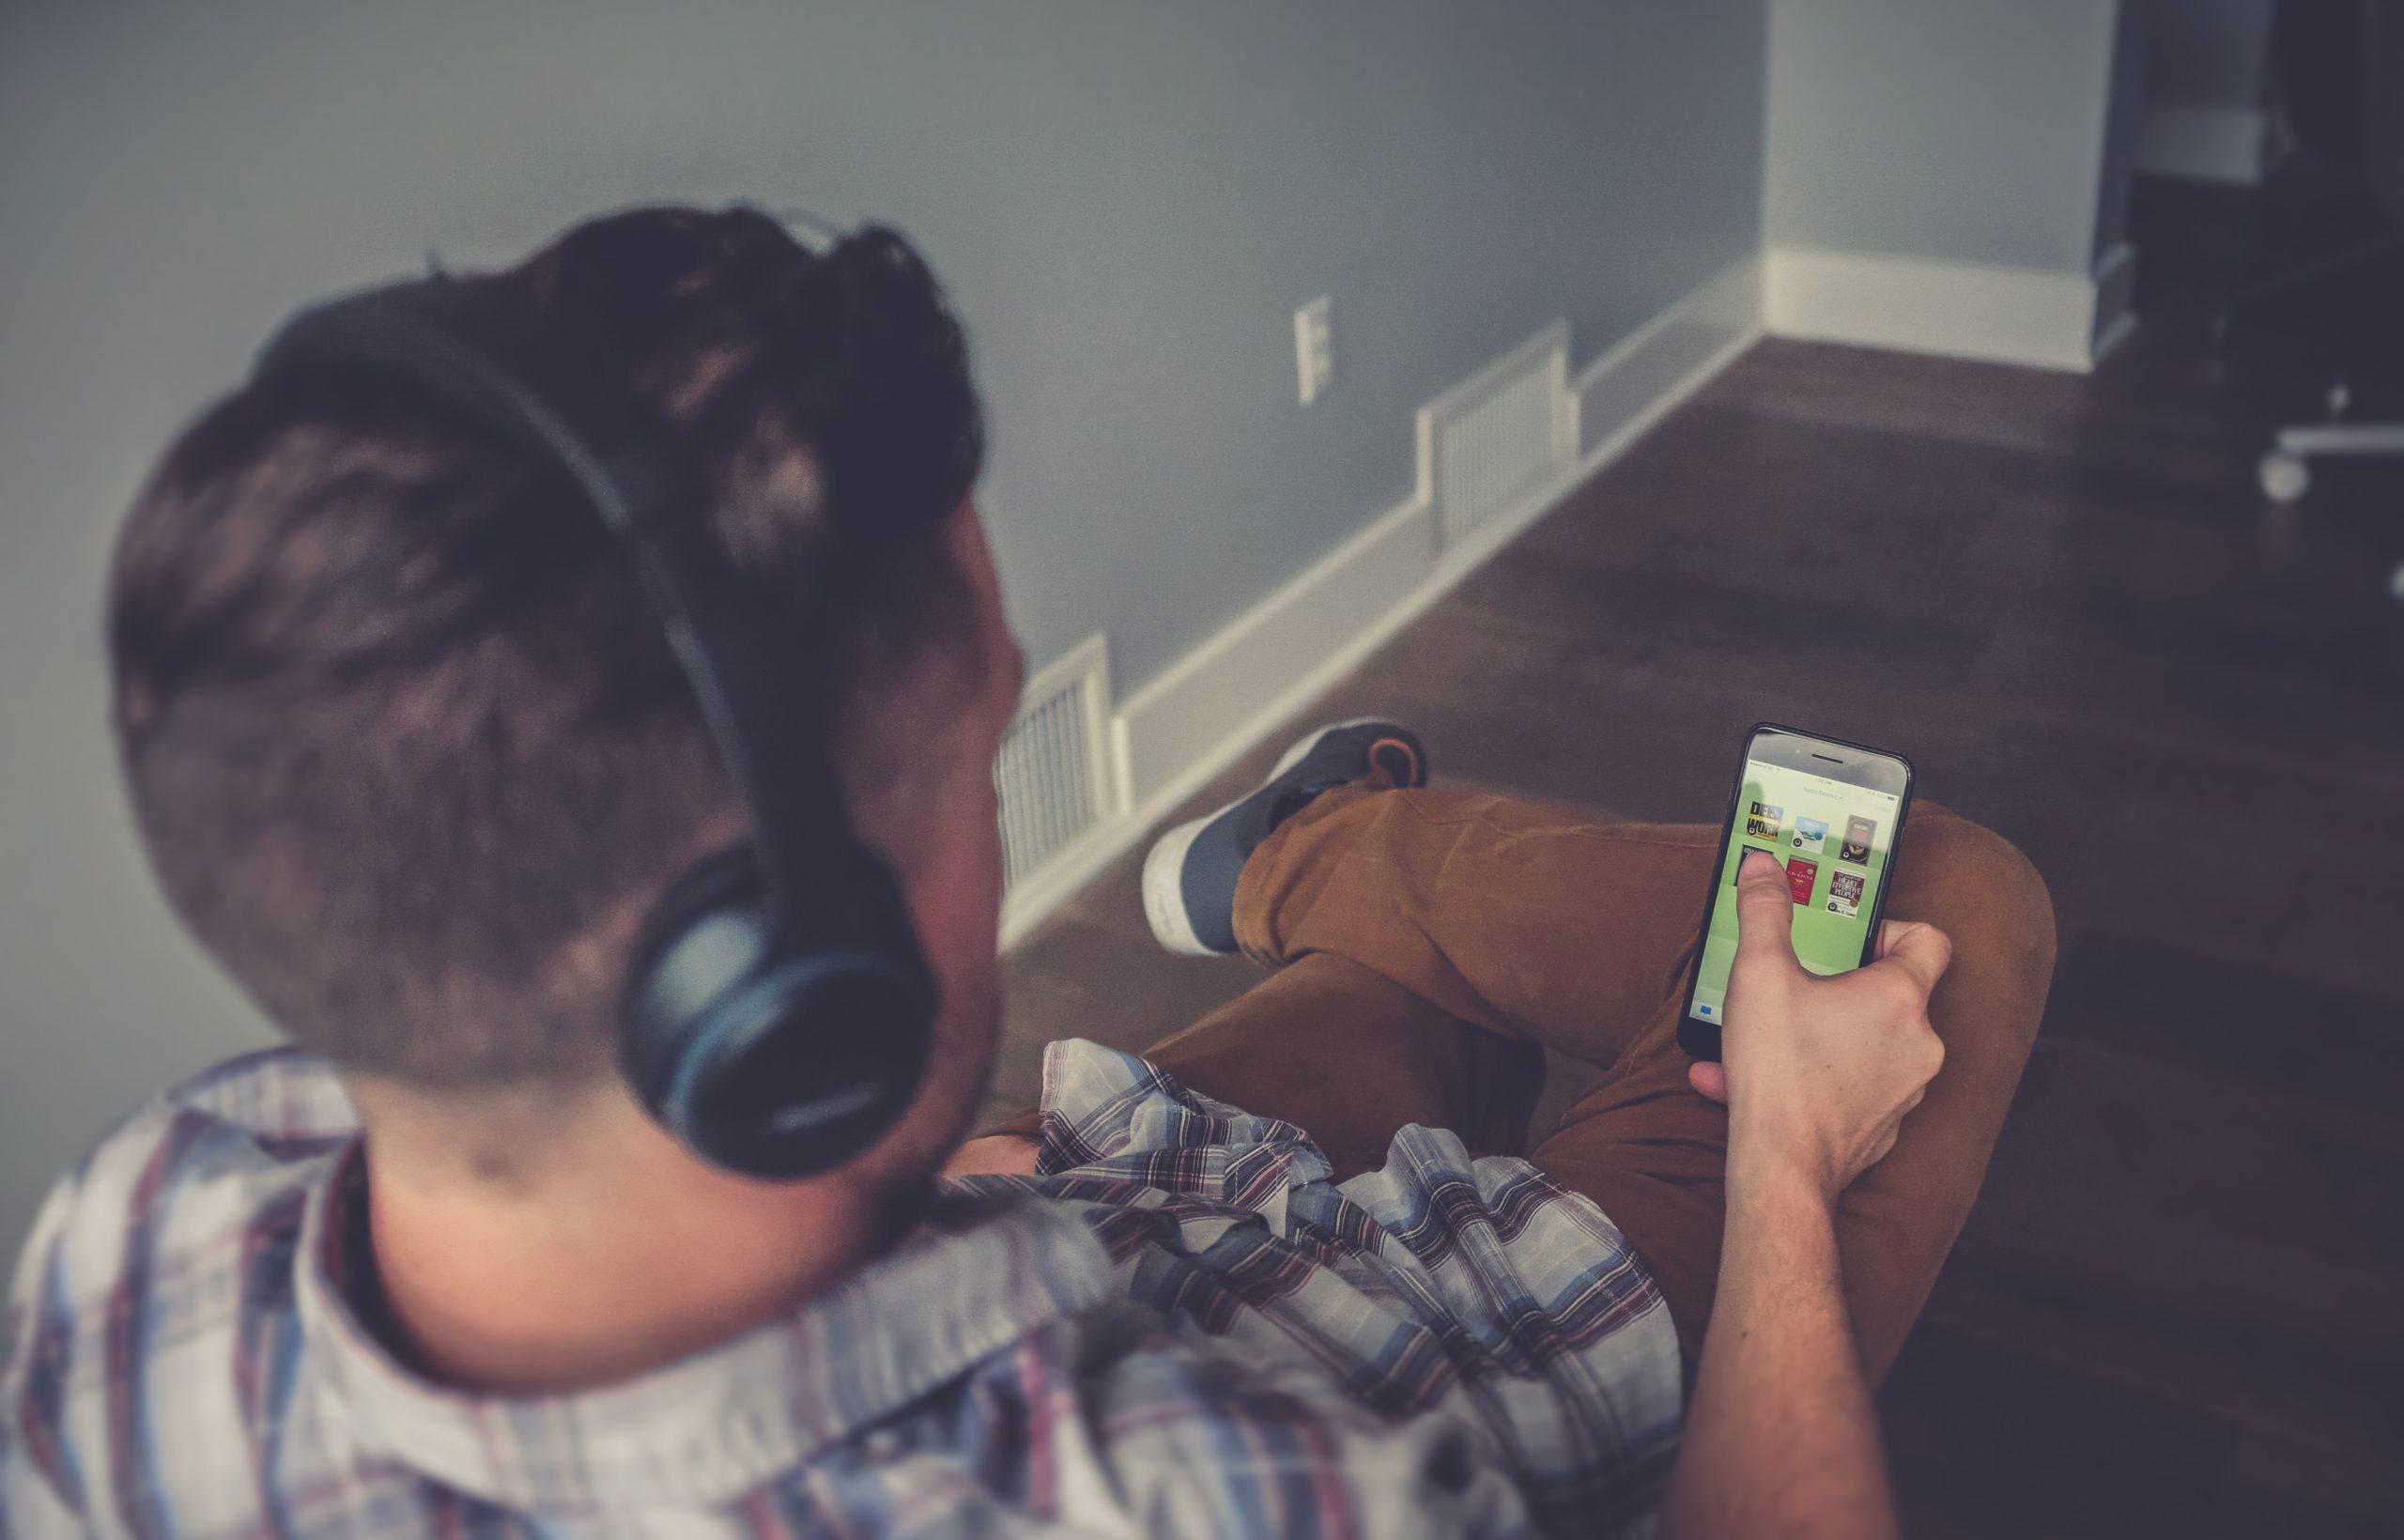 オーディオブックとは何評判や口コミは2つのデメリット、6つのメリットも合わせて解説!